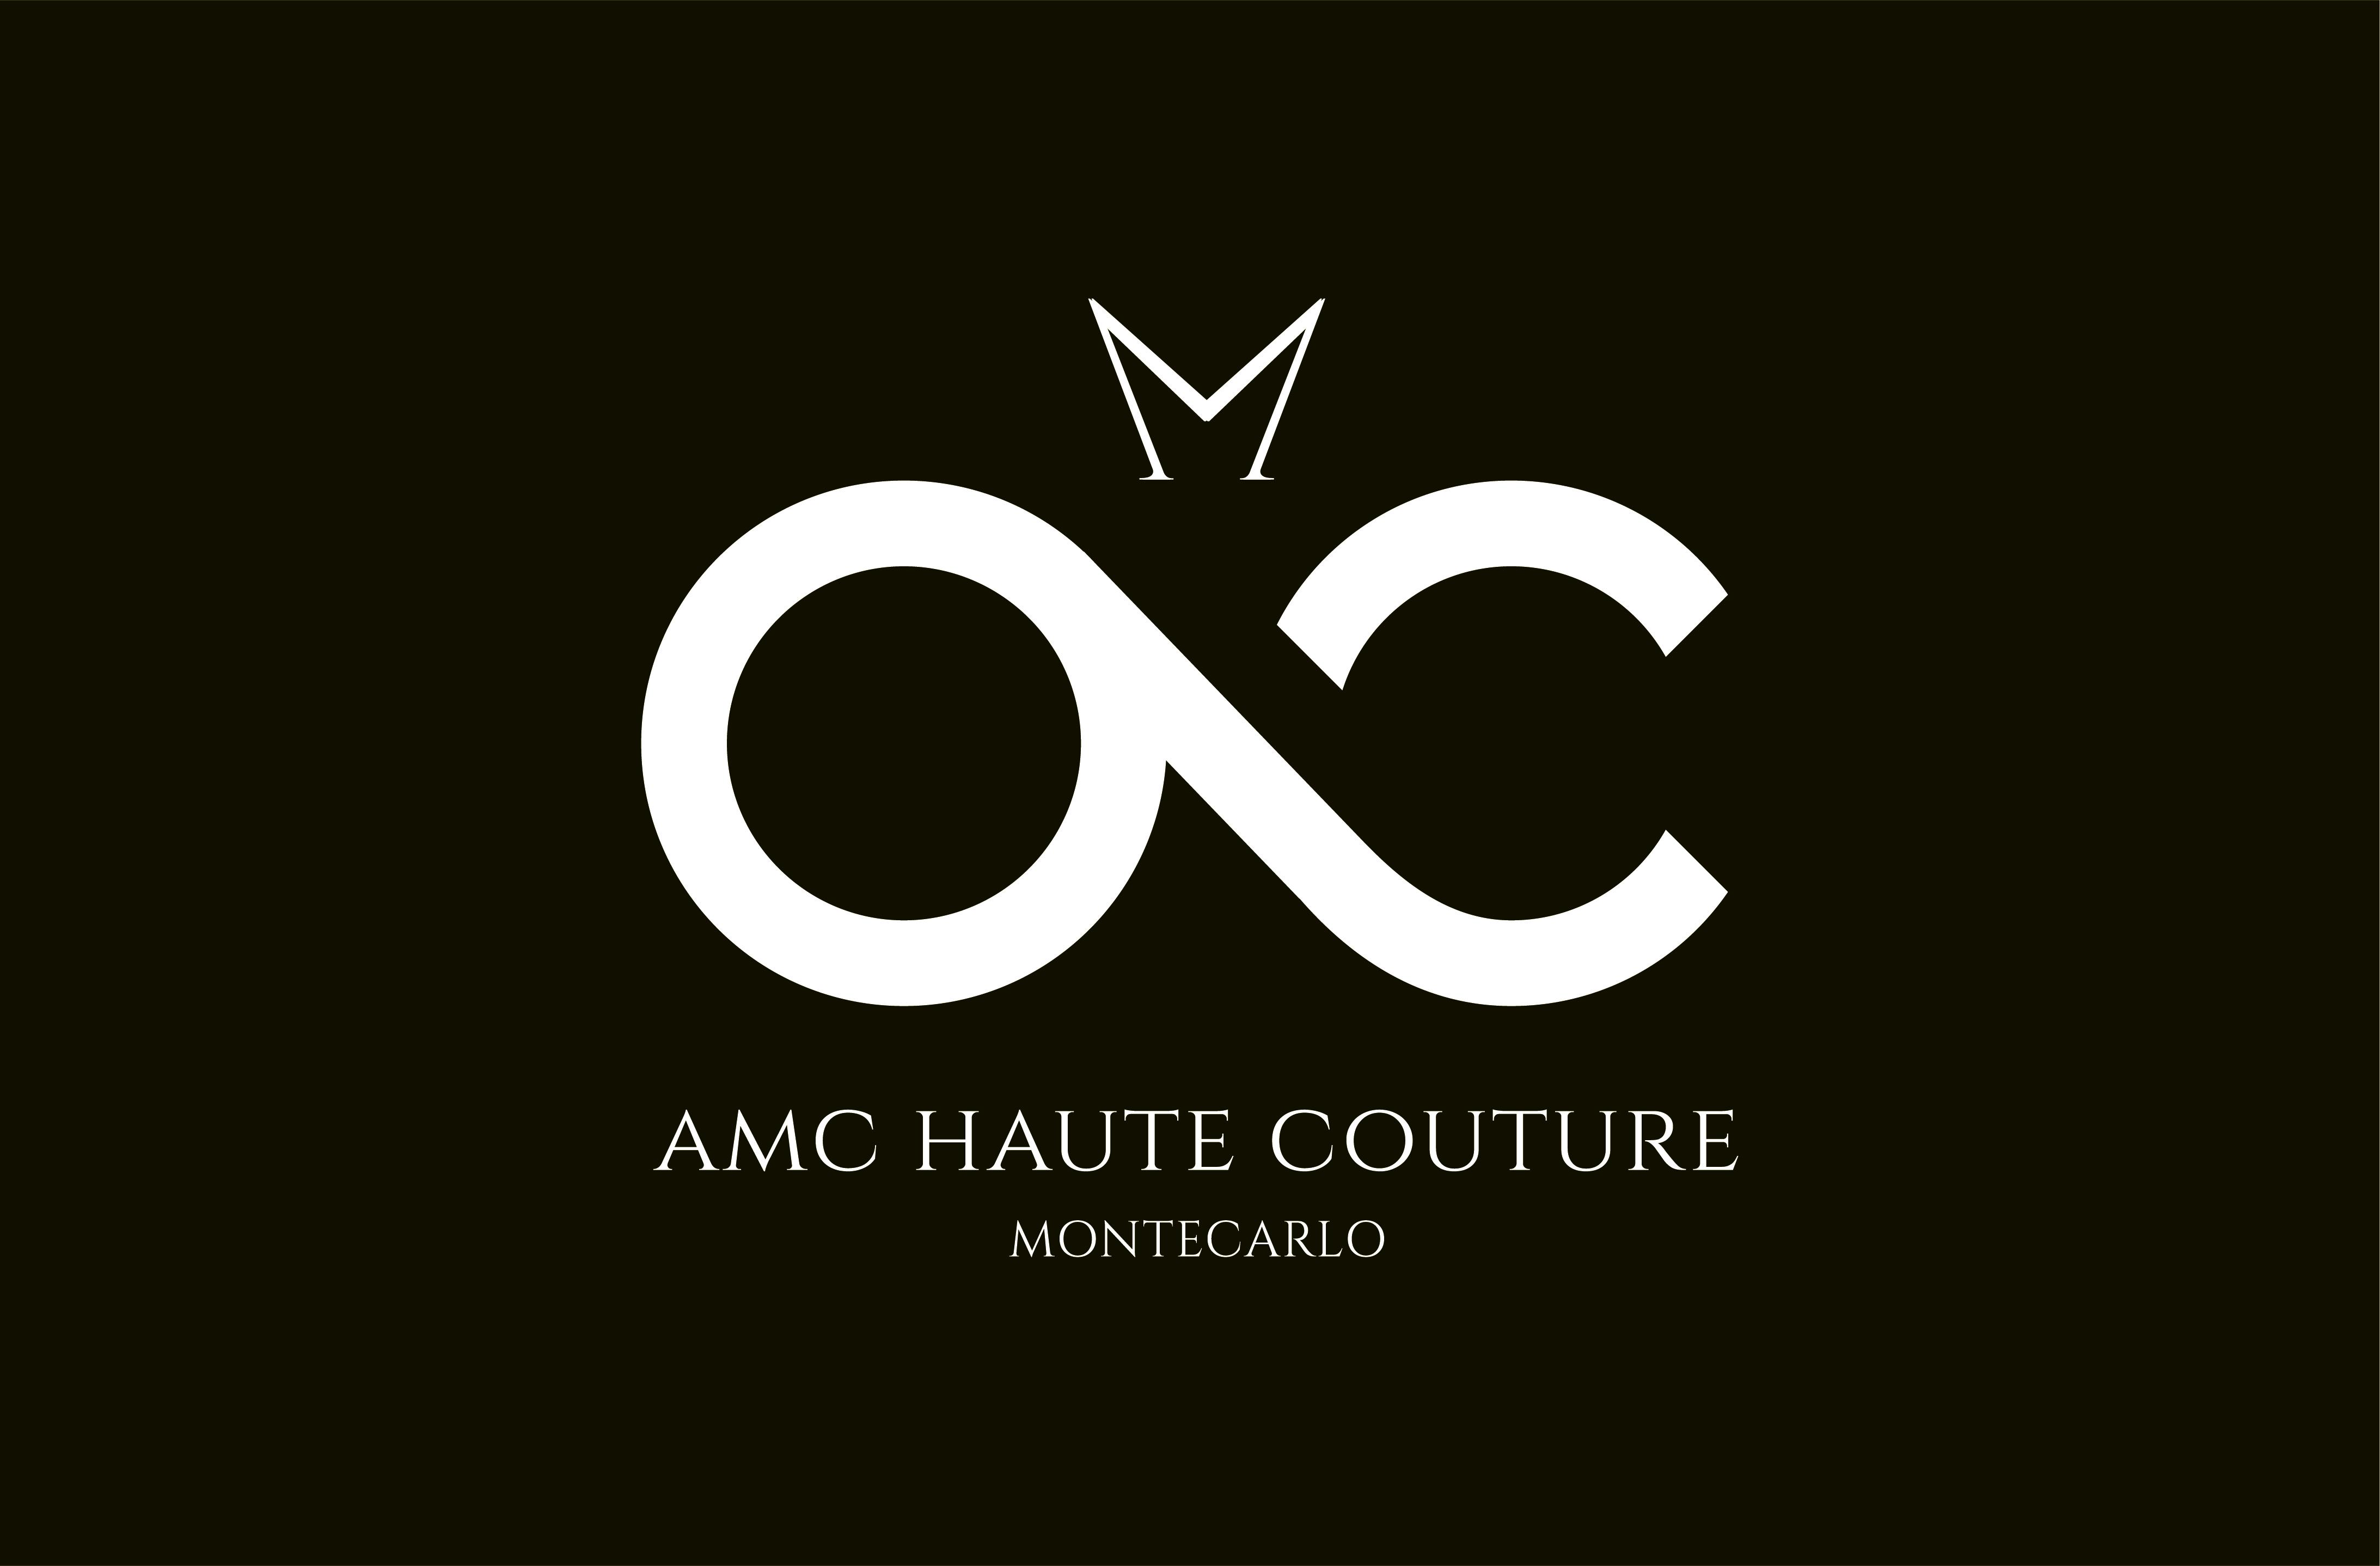 A.M.C. HAUTE COUTURE